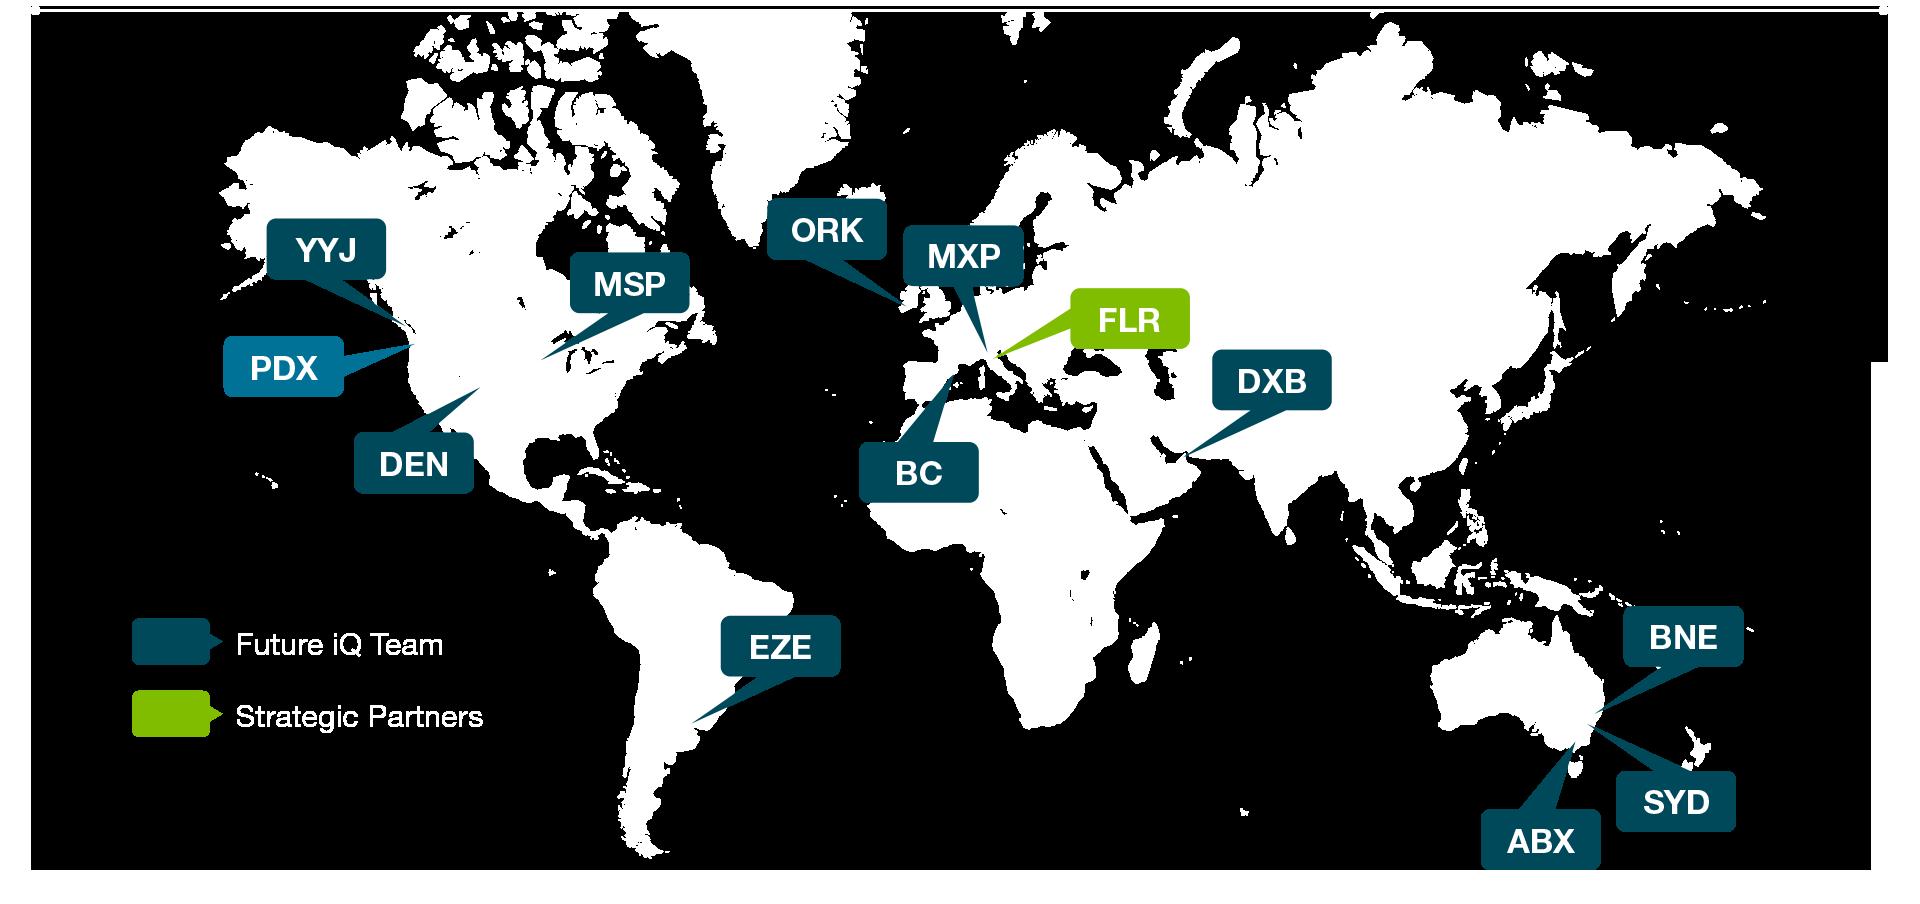 about-fiq-team-map-2 - Future iQ